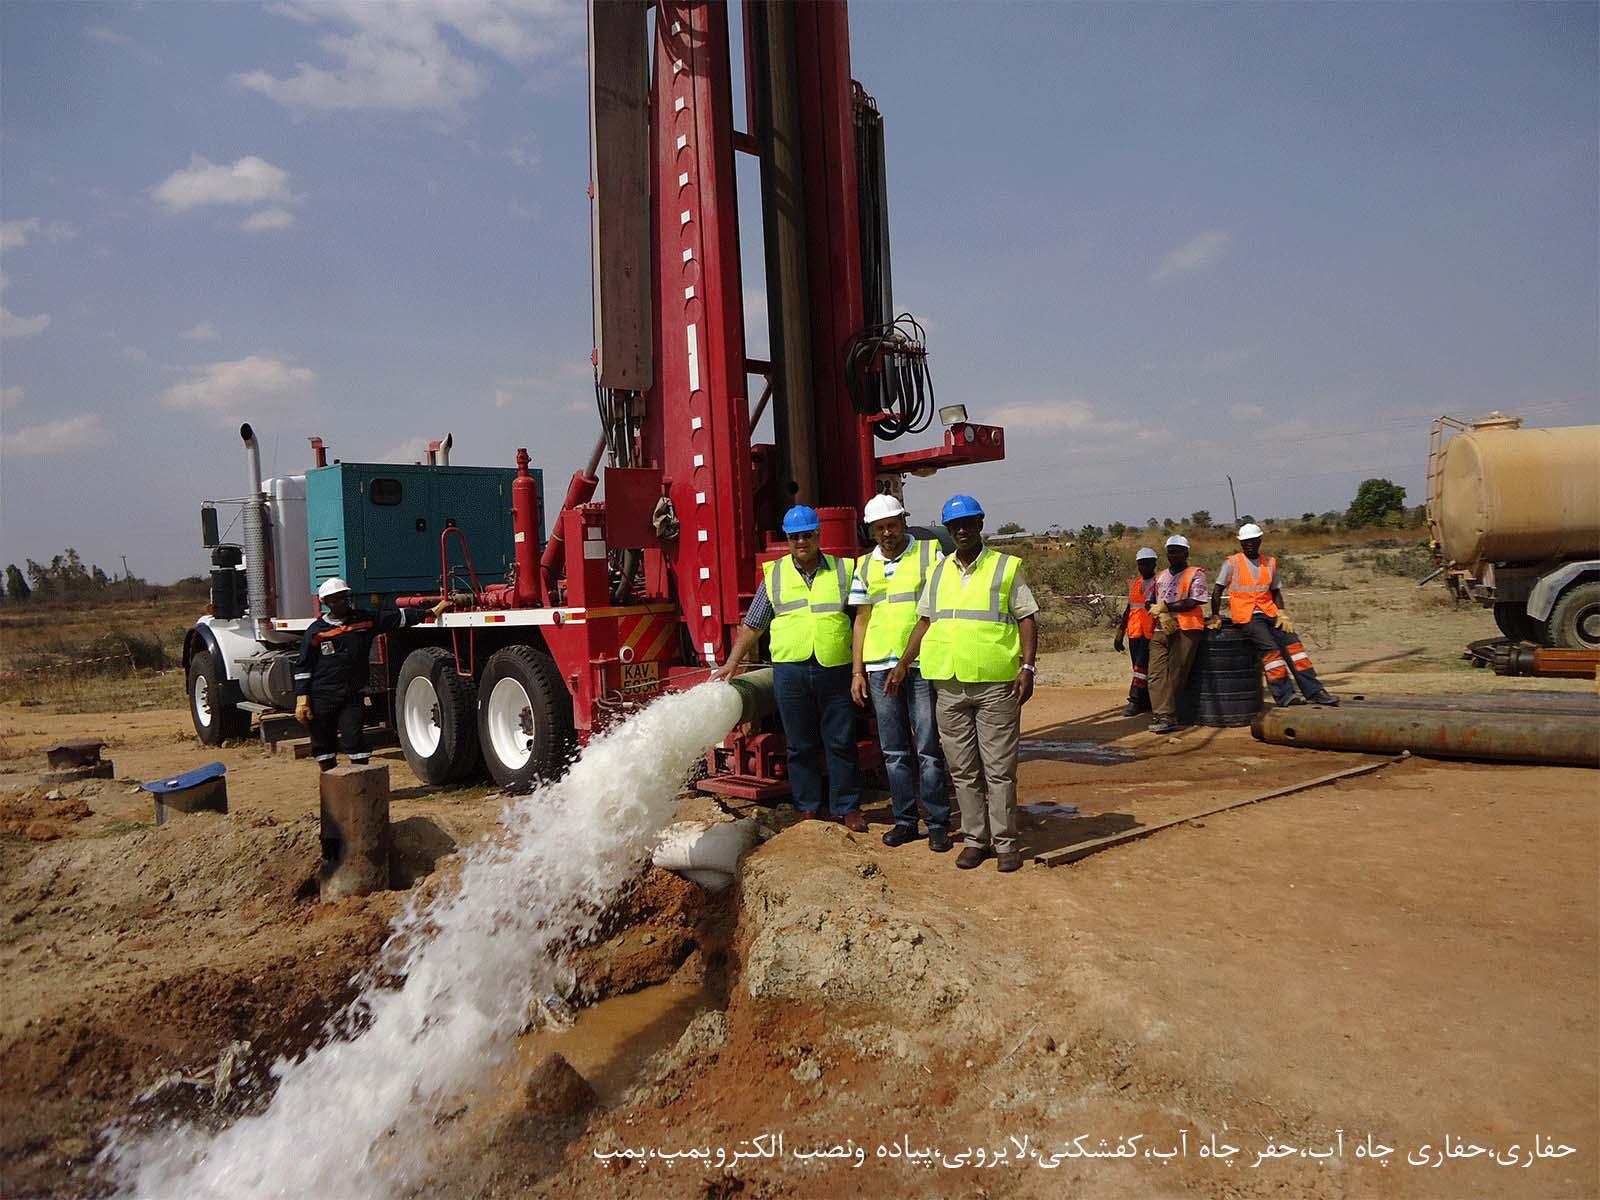 حفرچاه چاه آب کلیه خدمات چاه آب پمپ آب نصب و راه اندازی پمپ